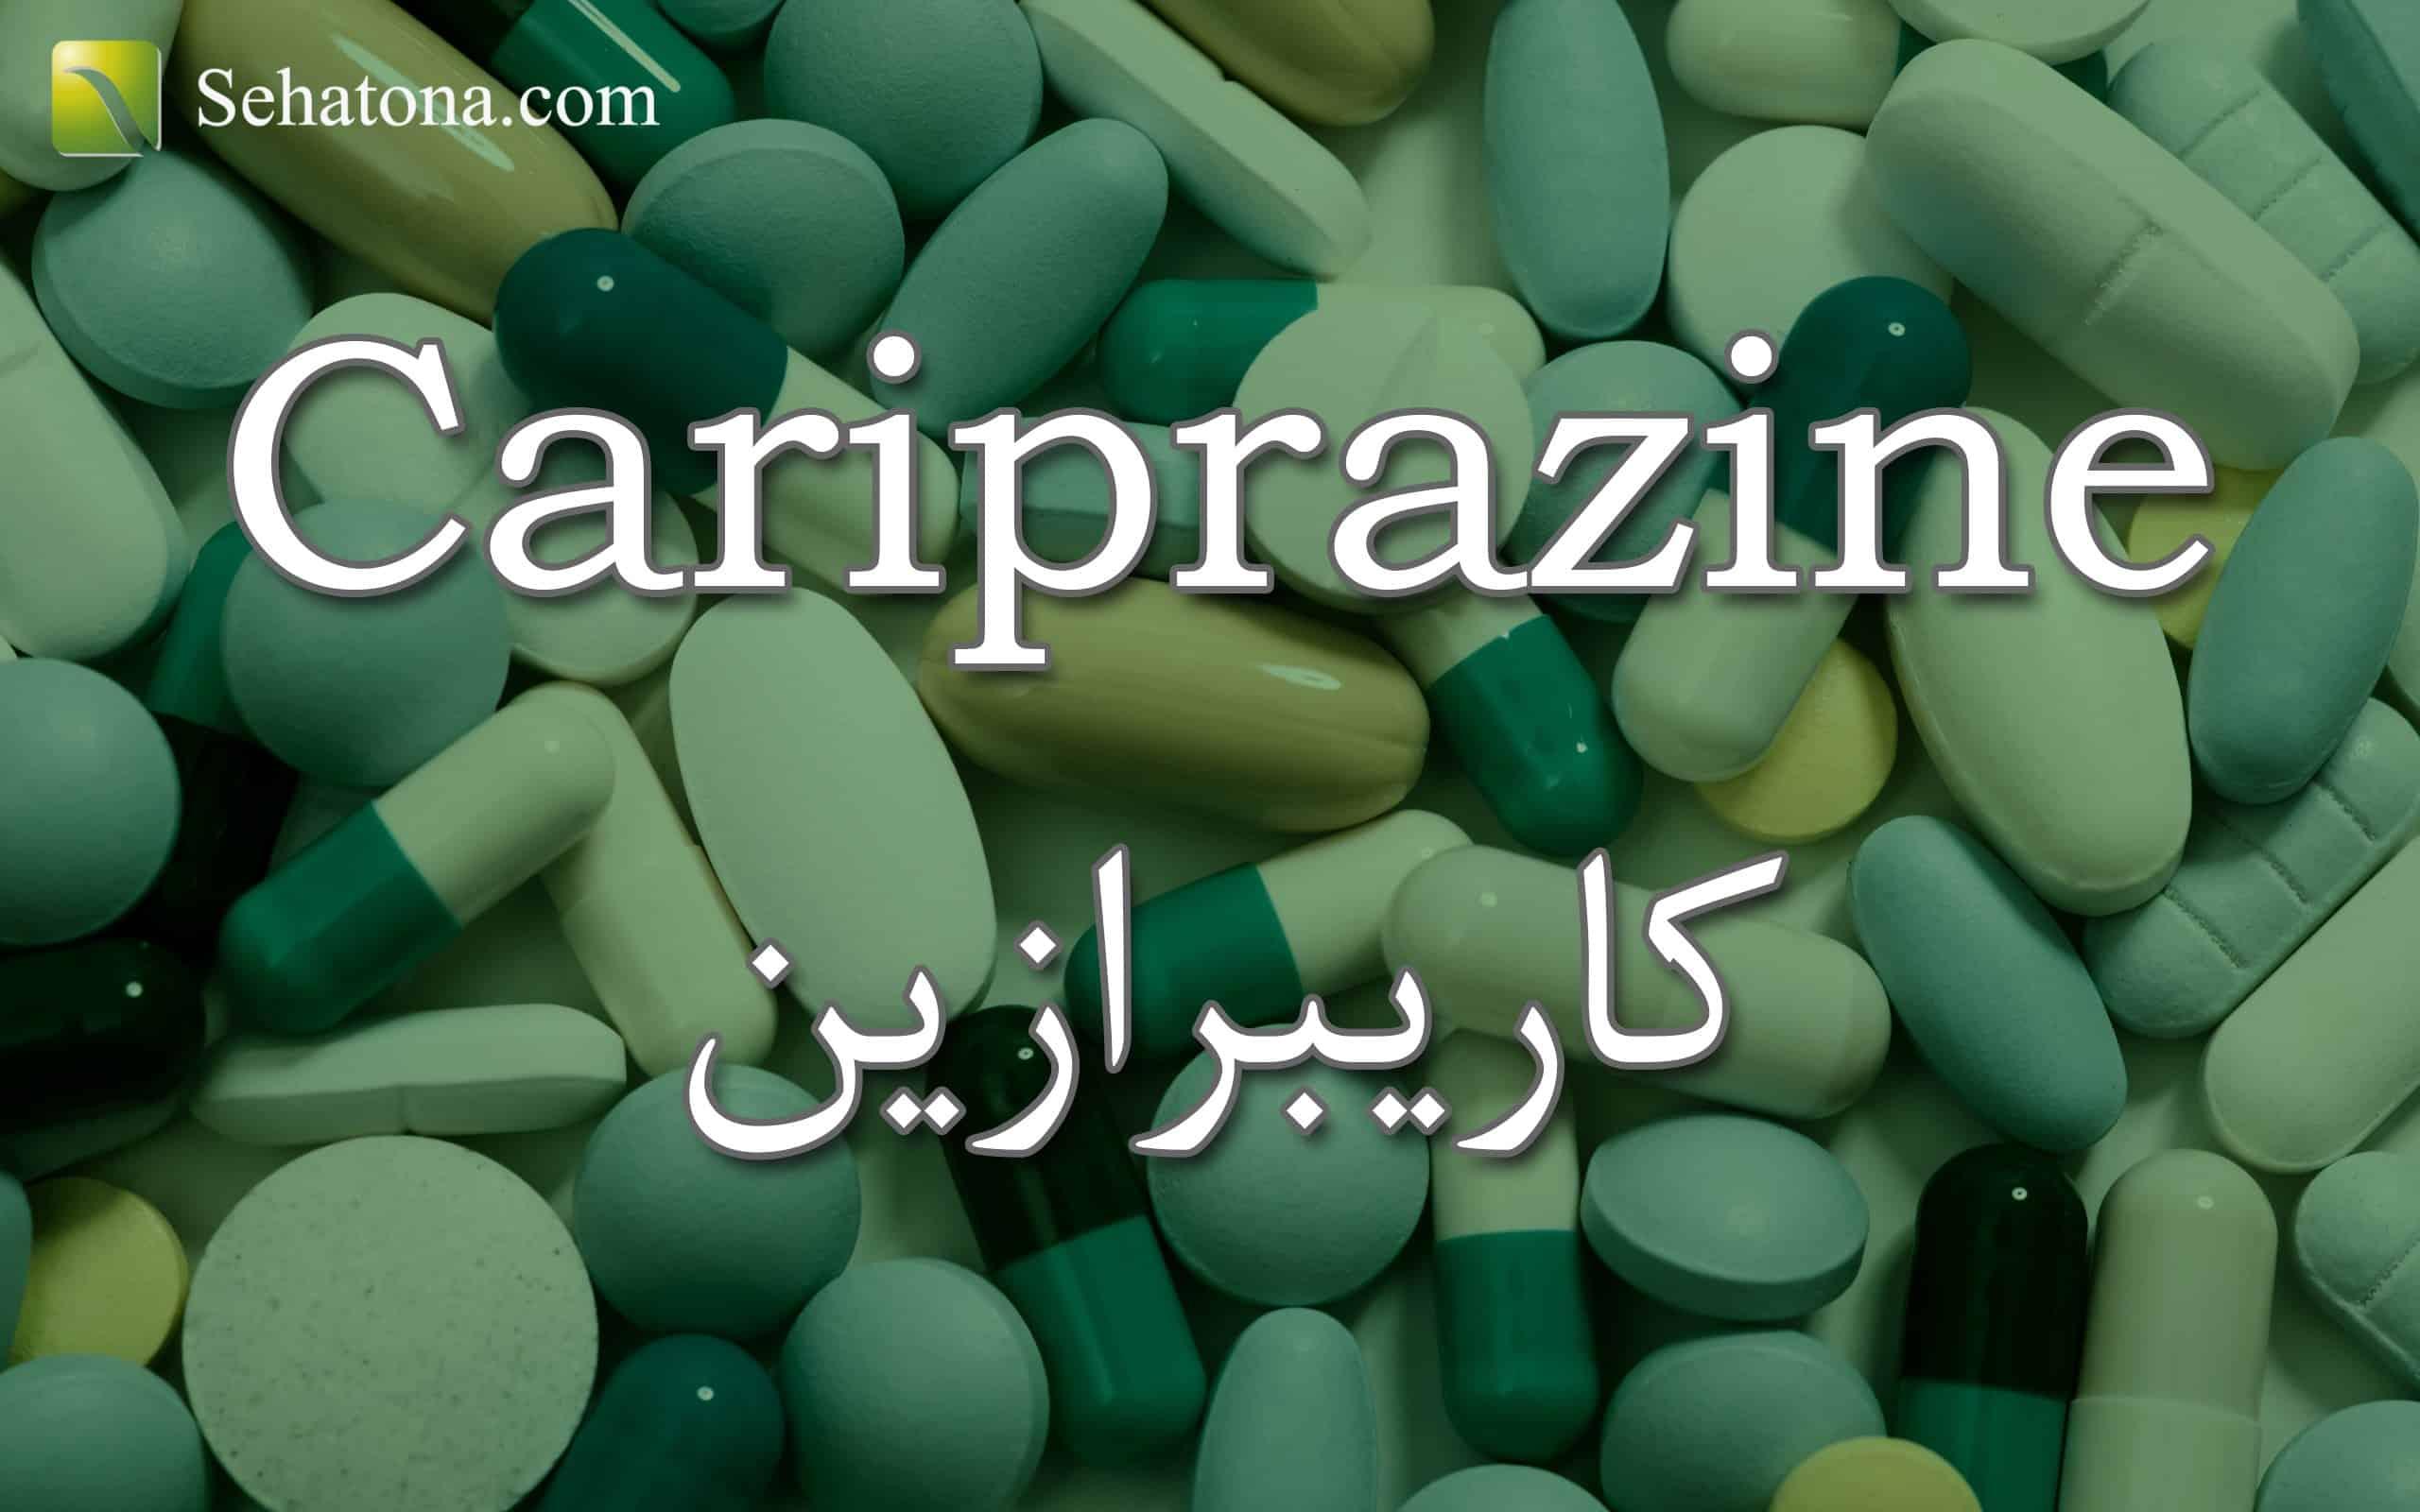 Cariprazine